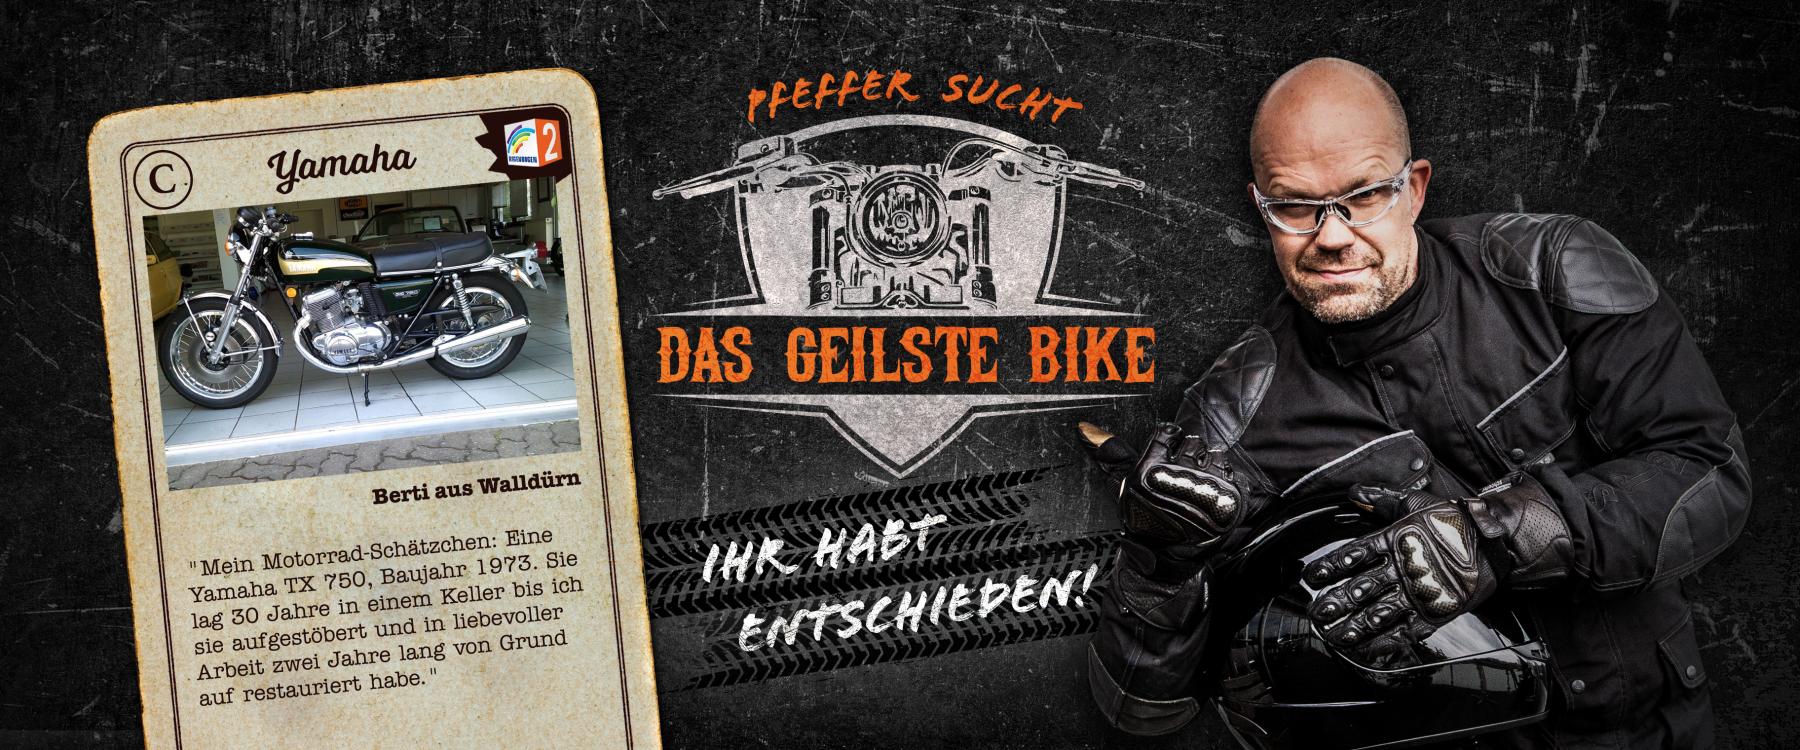 R2-PfeffersSuchtDasGeilsteBike-Gewinner-Titel.png